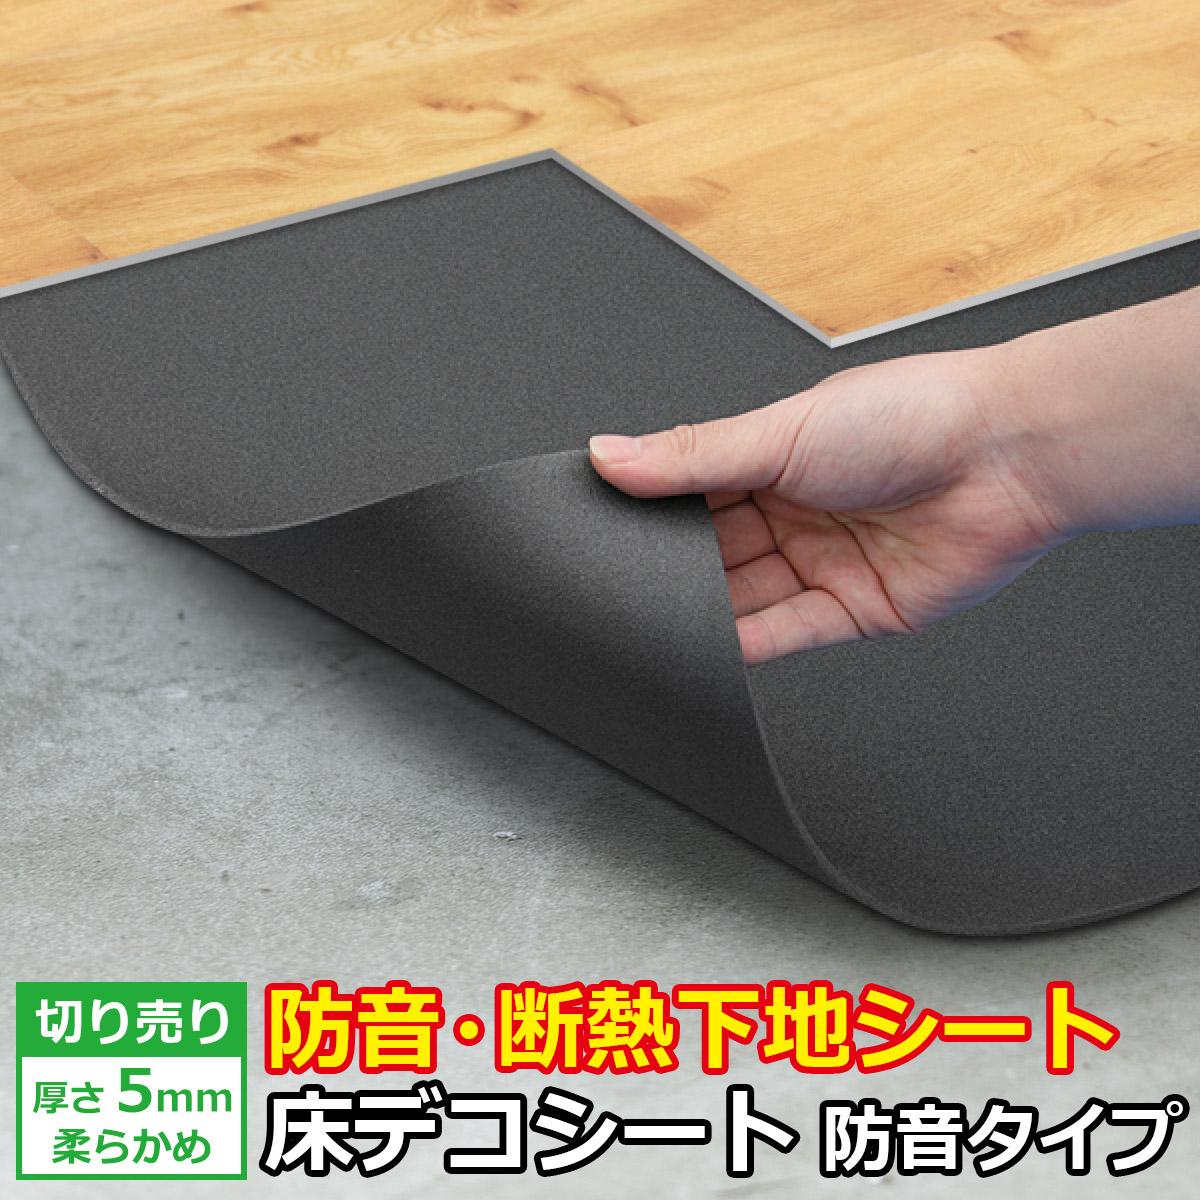 断熱下地シート 床デコシート 防音タイプ 厚さ5ミリ 柔らかめ 切り売り